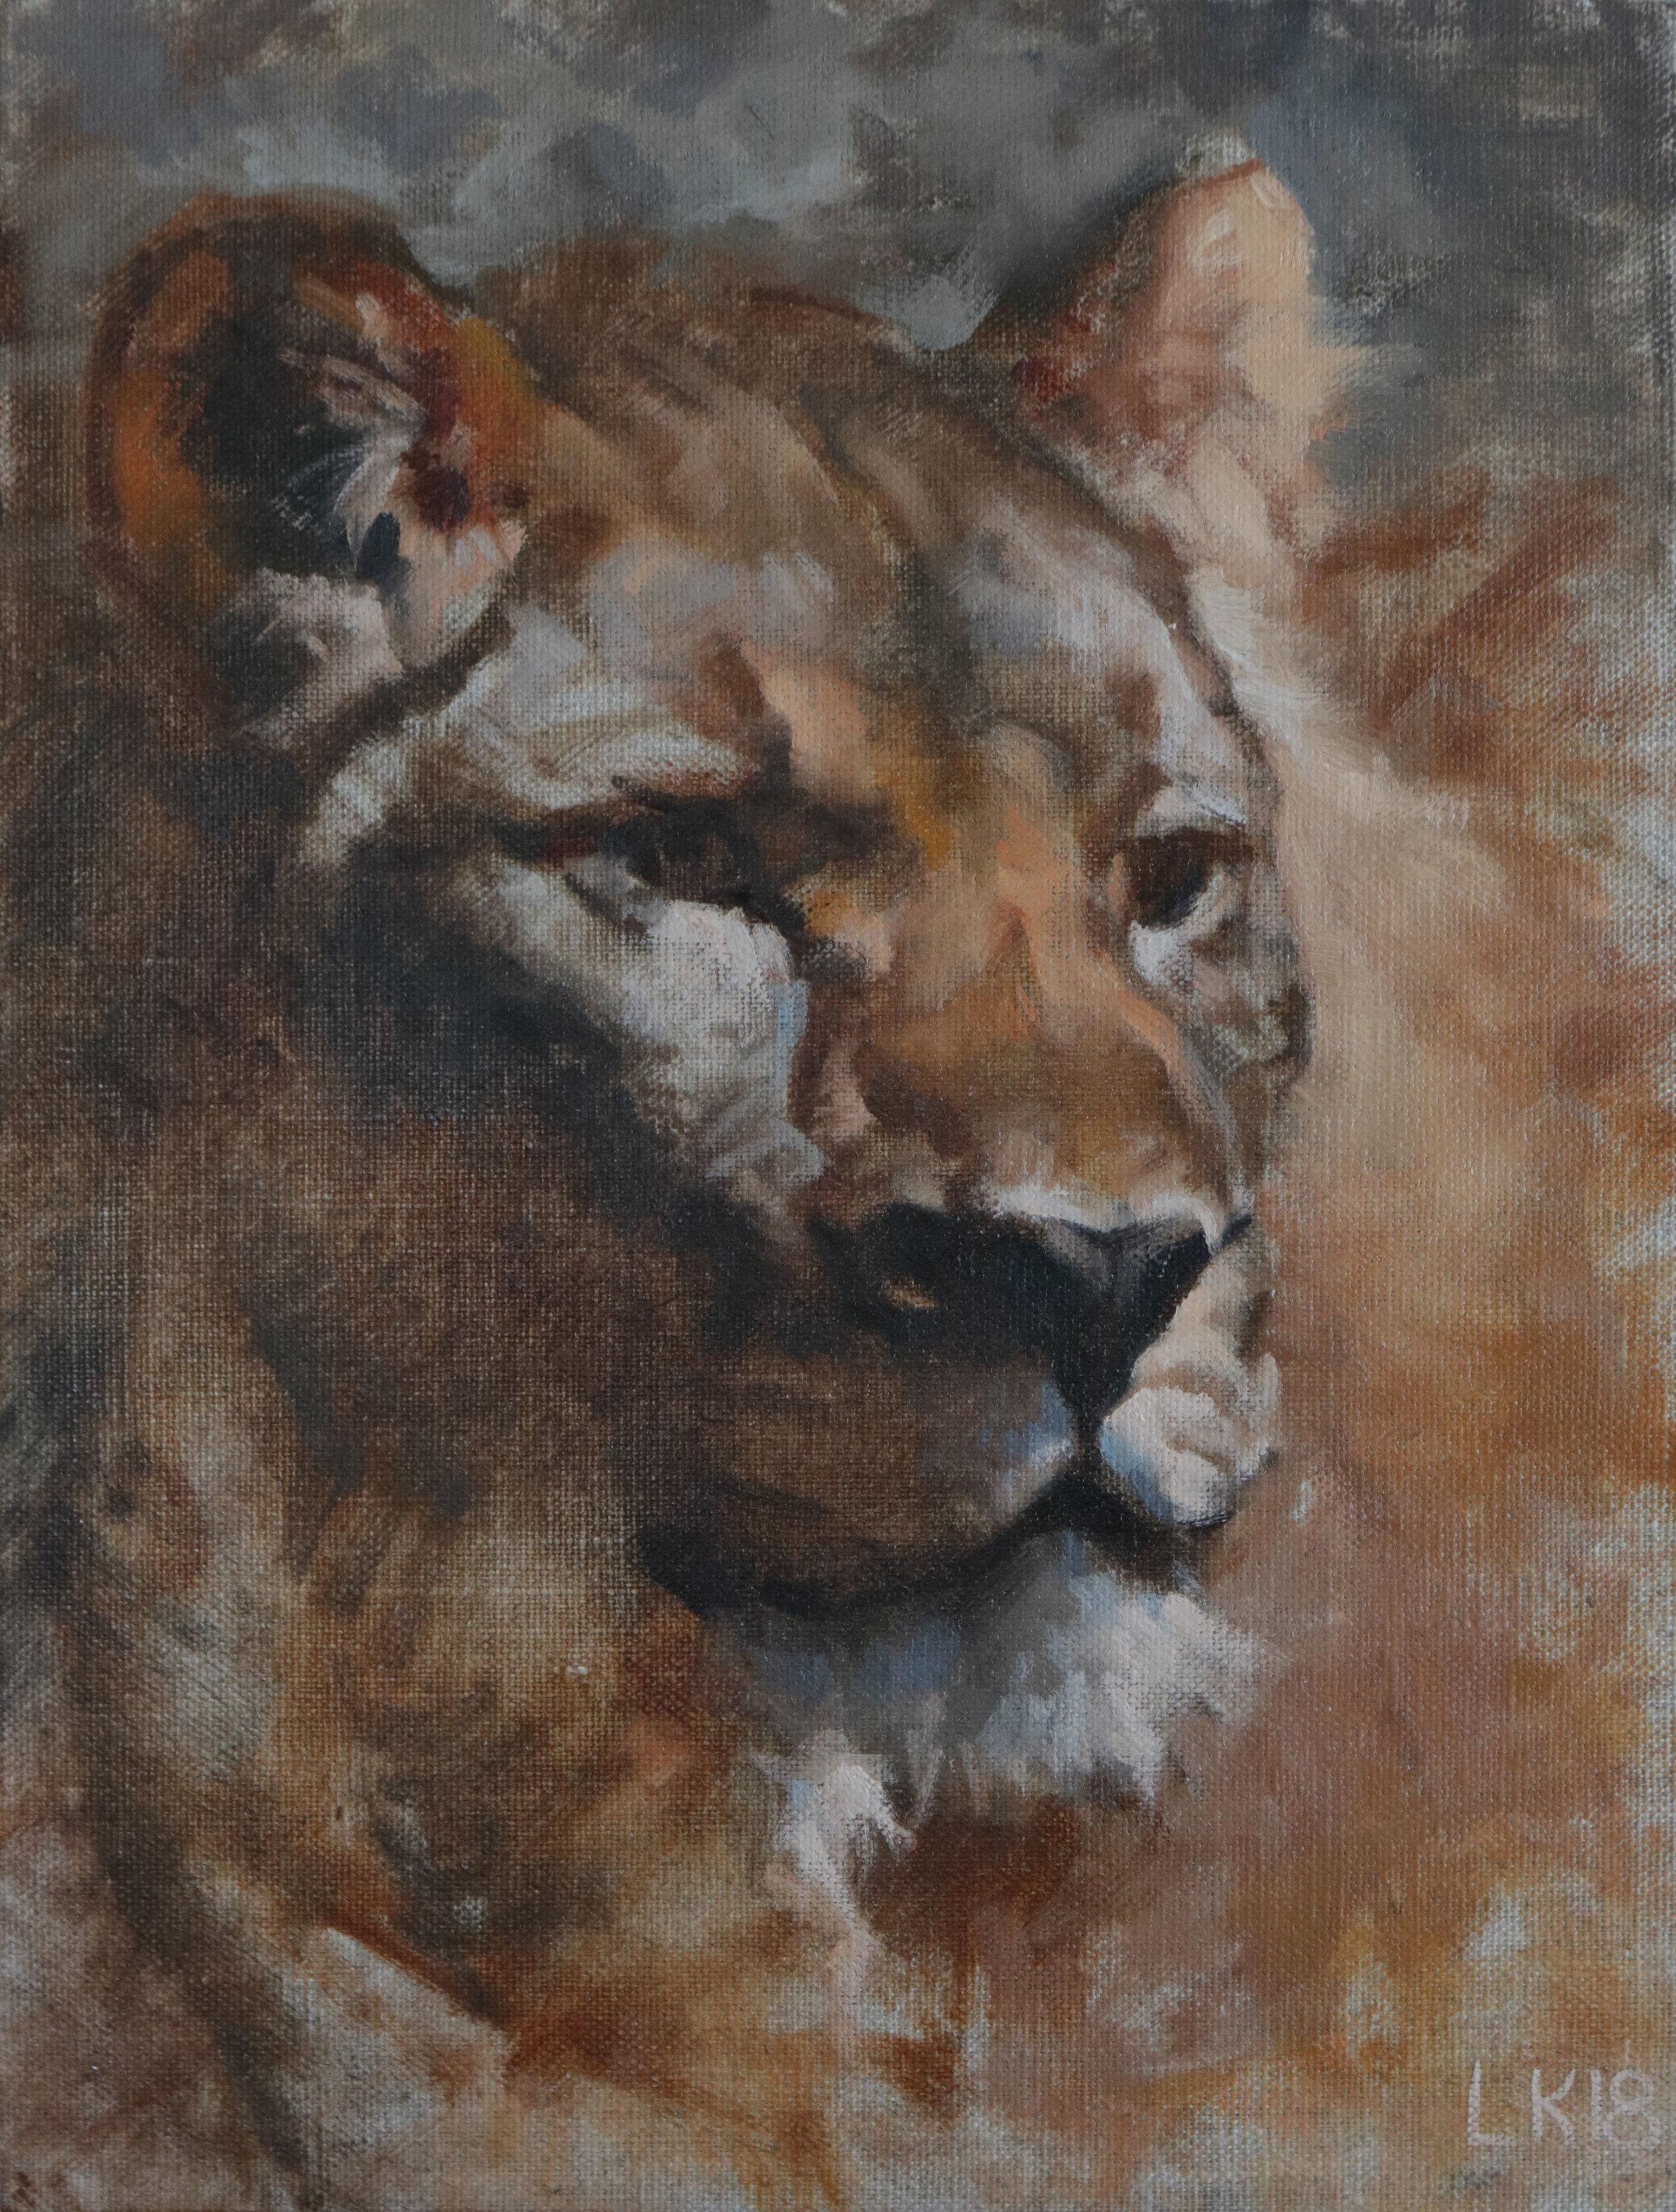 Oil_AnimalStudies_Lion_Female_01POSTED.jpg